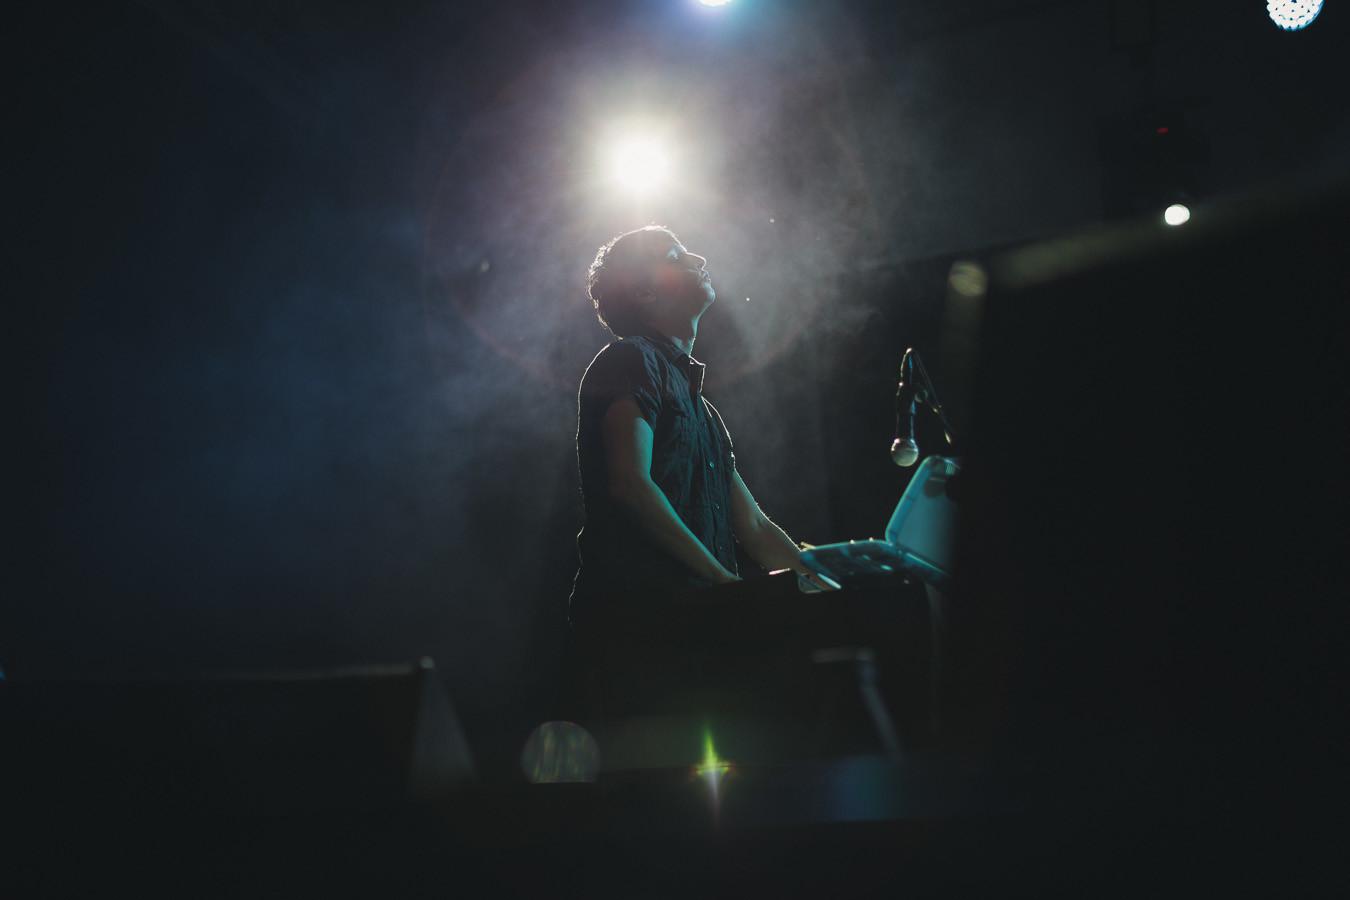 fotografo_eventi_concerti_festival_desio_tittoni_foto_marco_reggi_038